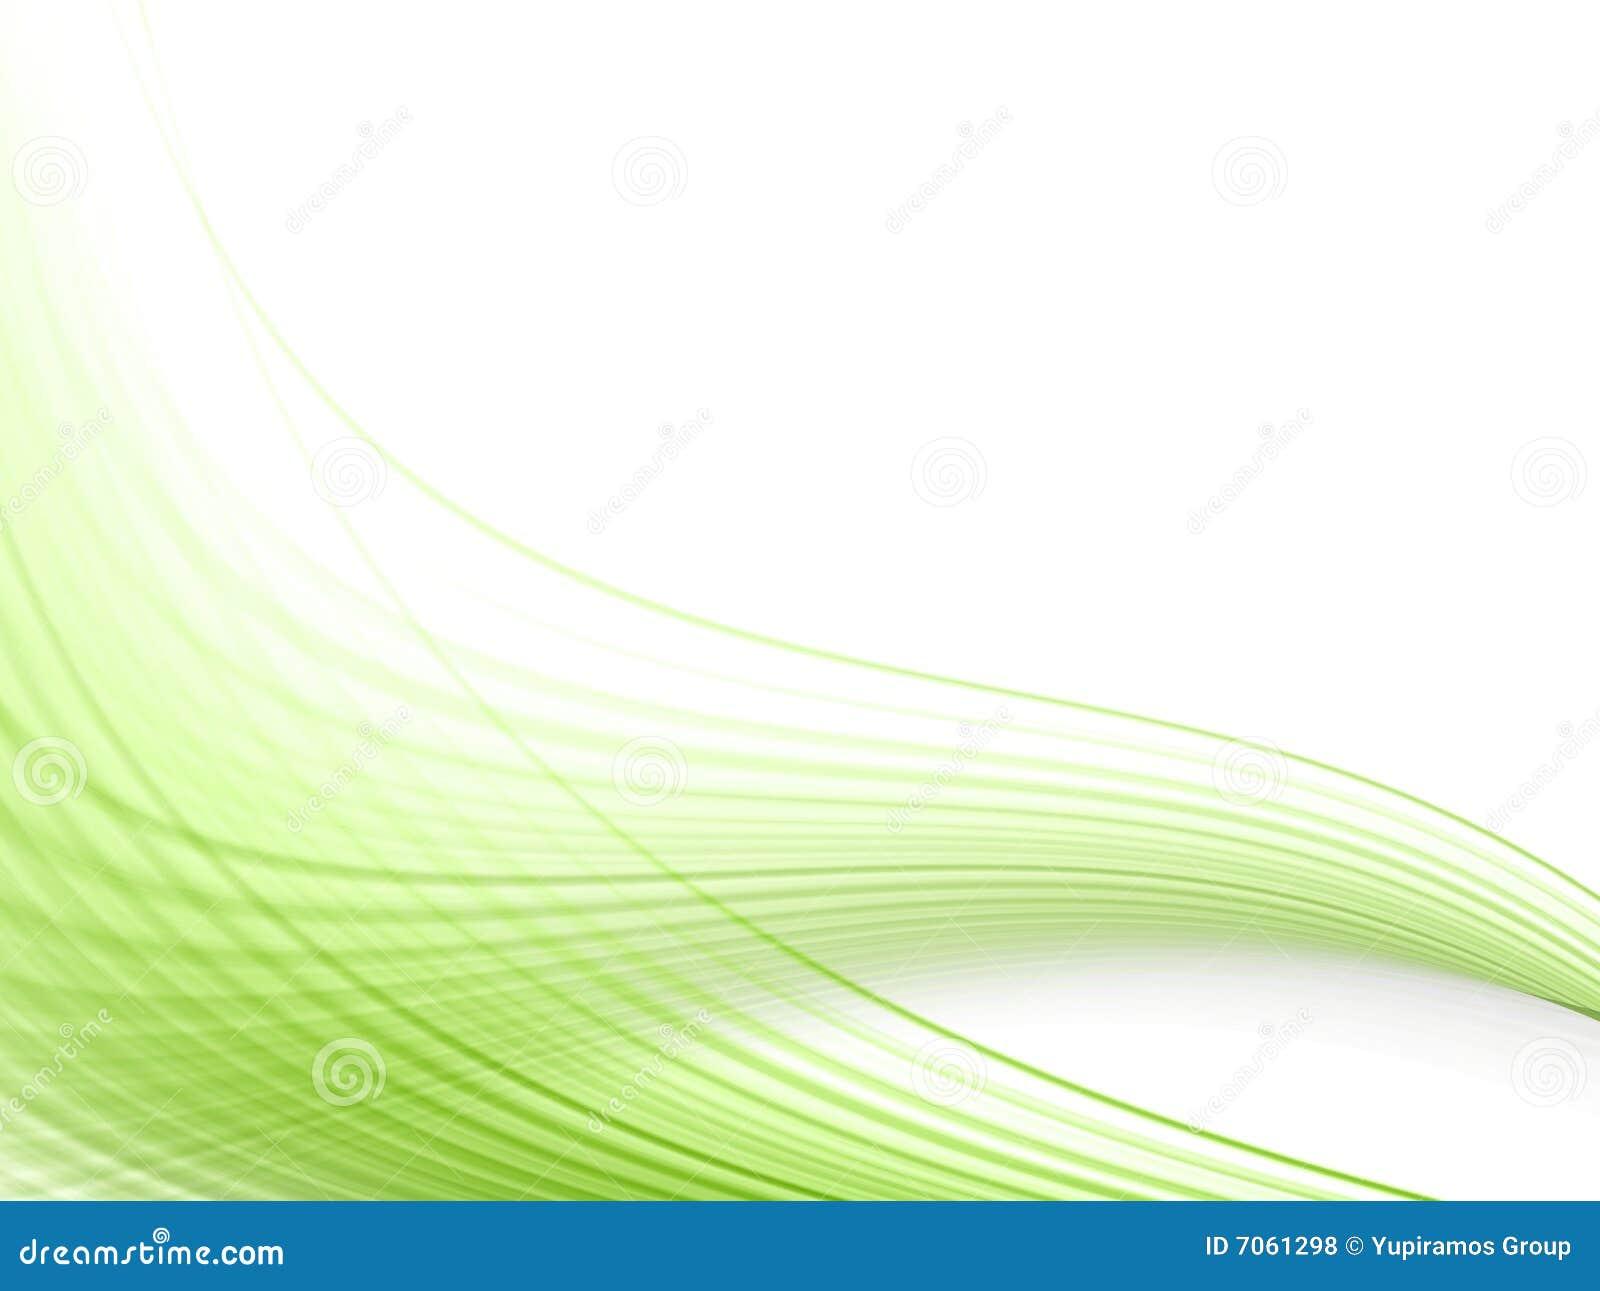 Groene dynamische lijnen